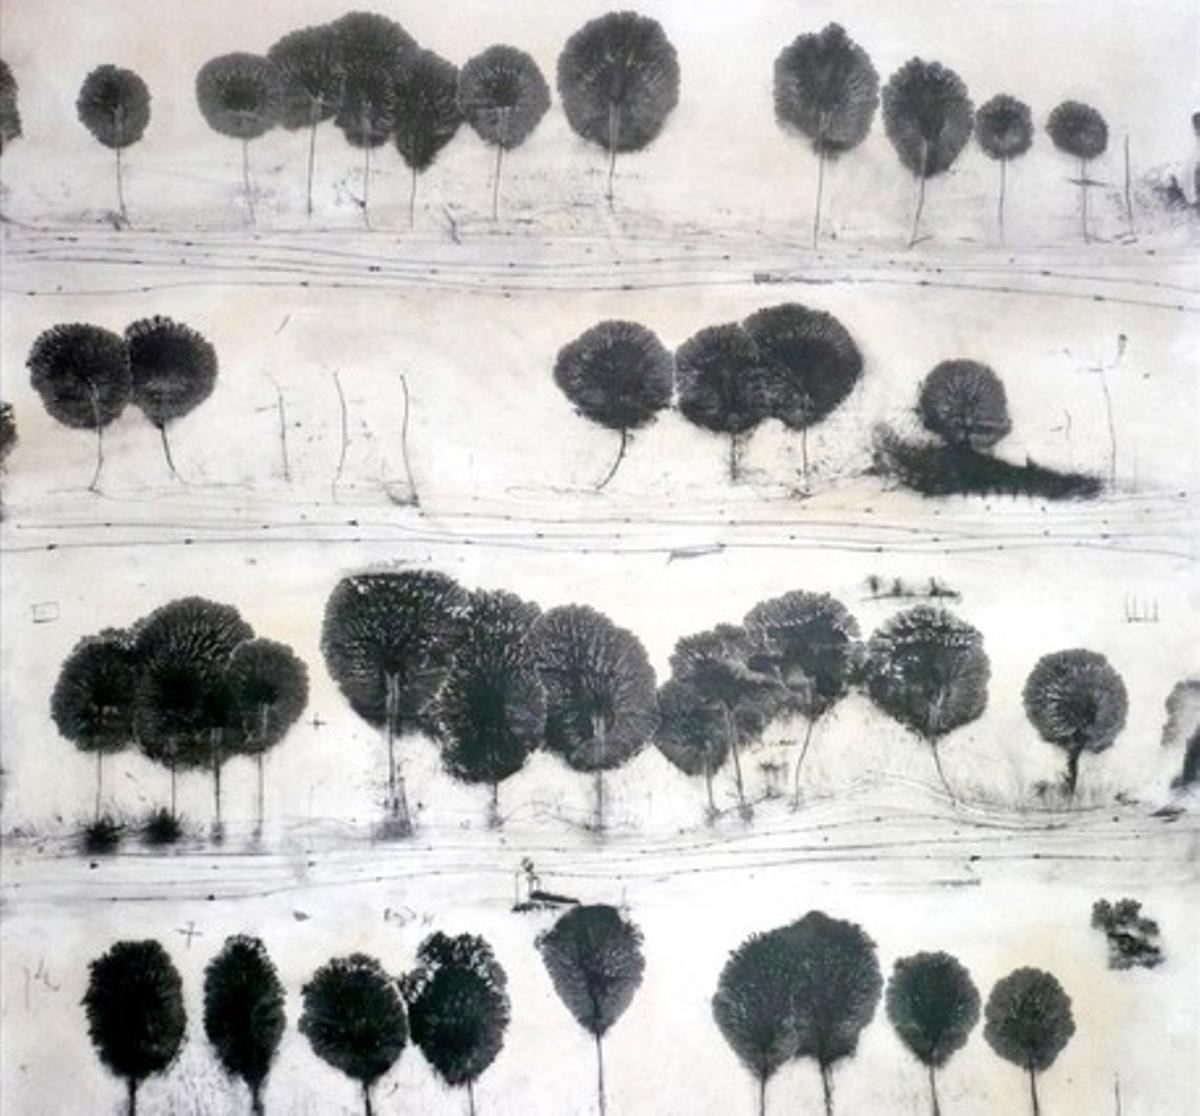 La obra 'L'altre sender', de Manu vb Tintoré, Premio BBVA de pintura Ricard Camí.